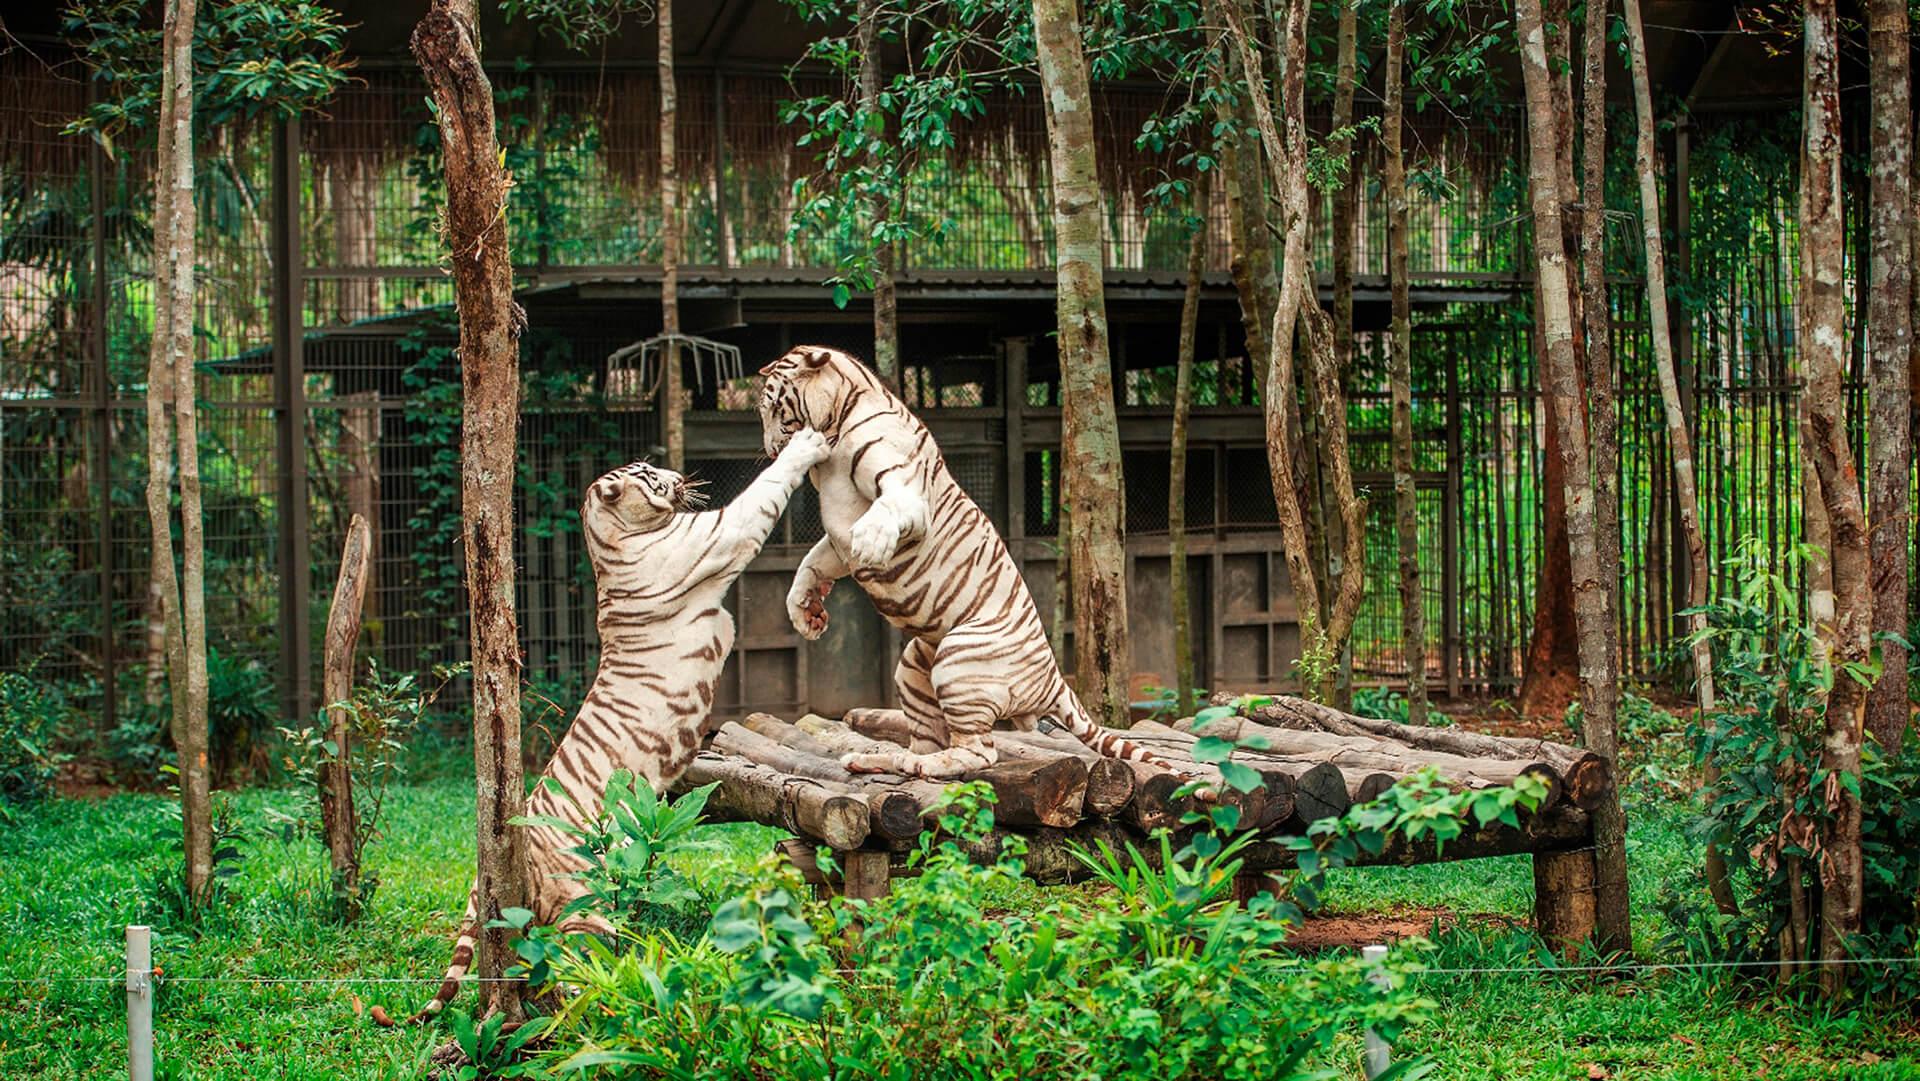 những trải nghiệm chỉ có ở hội an, nha trang, phú quốc - gallery9 - Những trải nghiệm chỉ có ở Hội An, Nha Trang, Phú Quốc